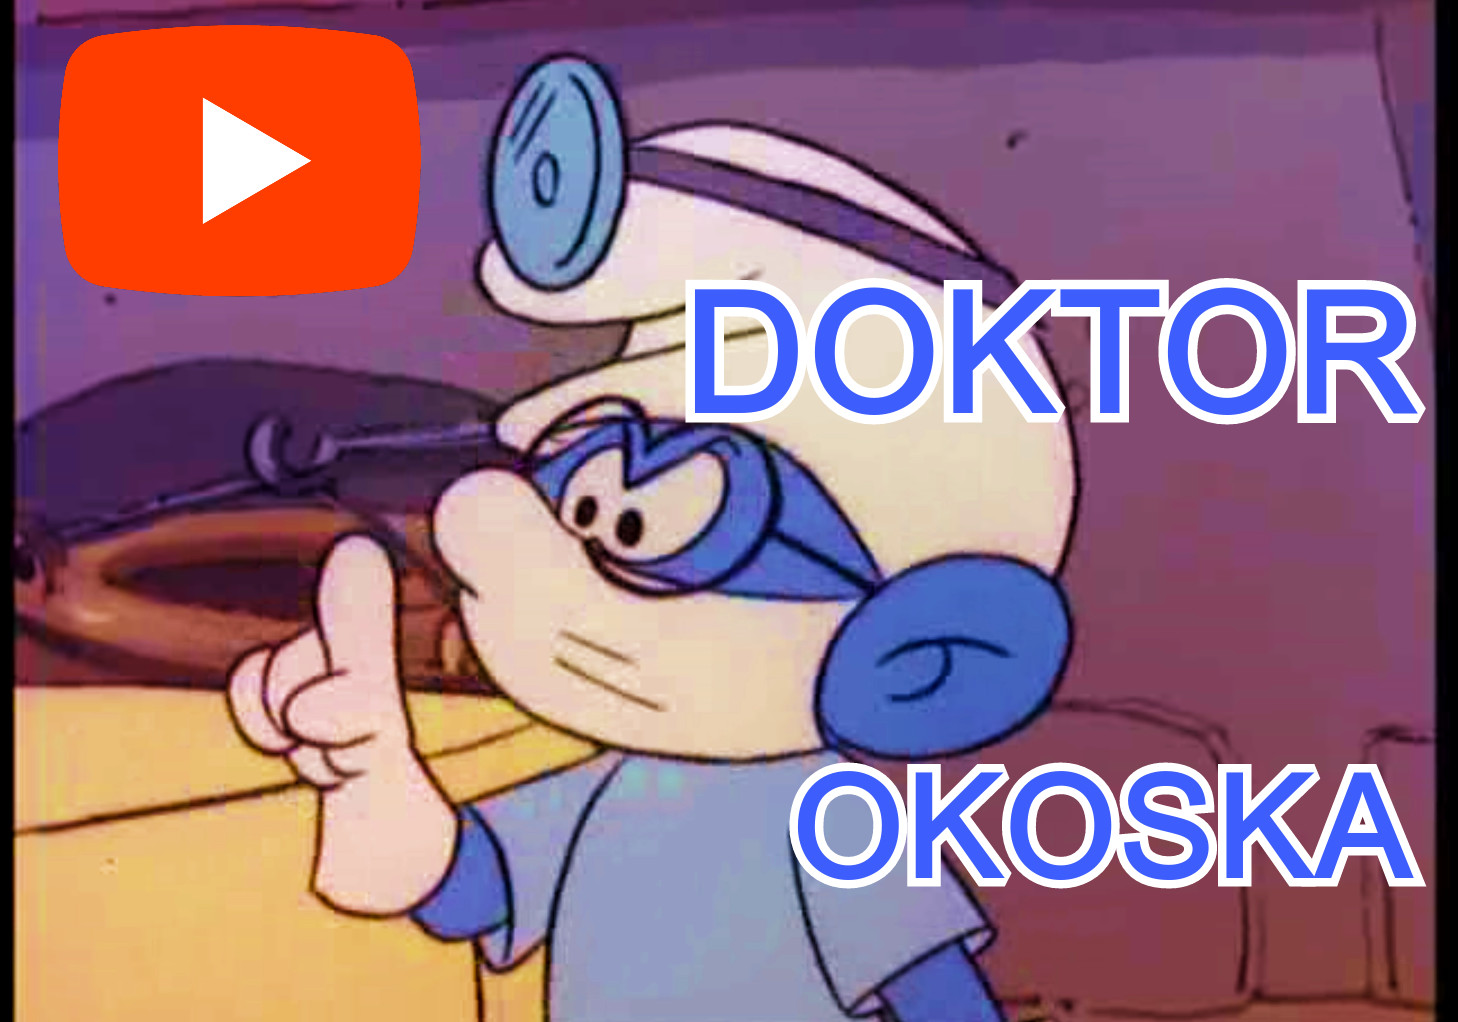 Dr. okoska doktor Hupikék Törpikék orvosos rész